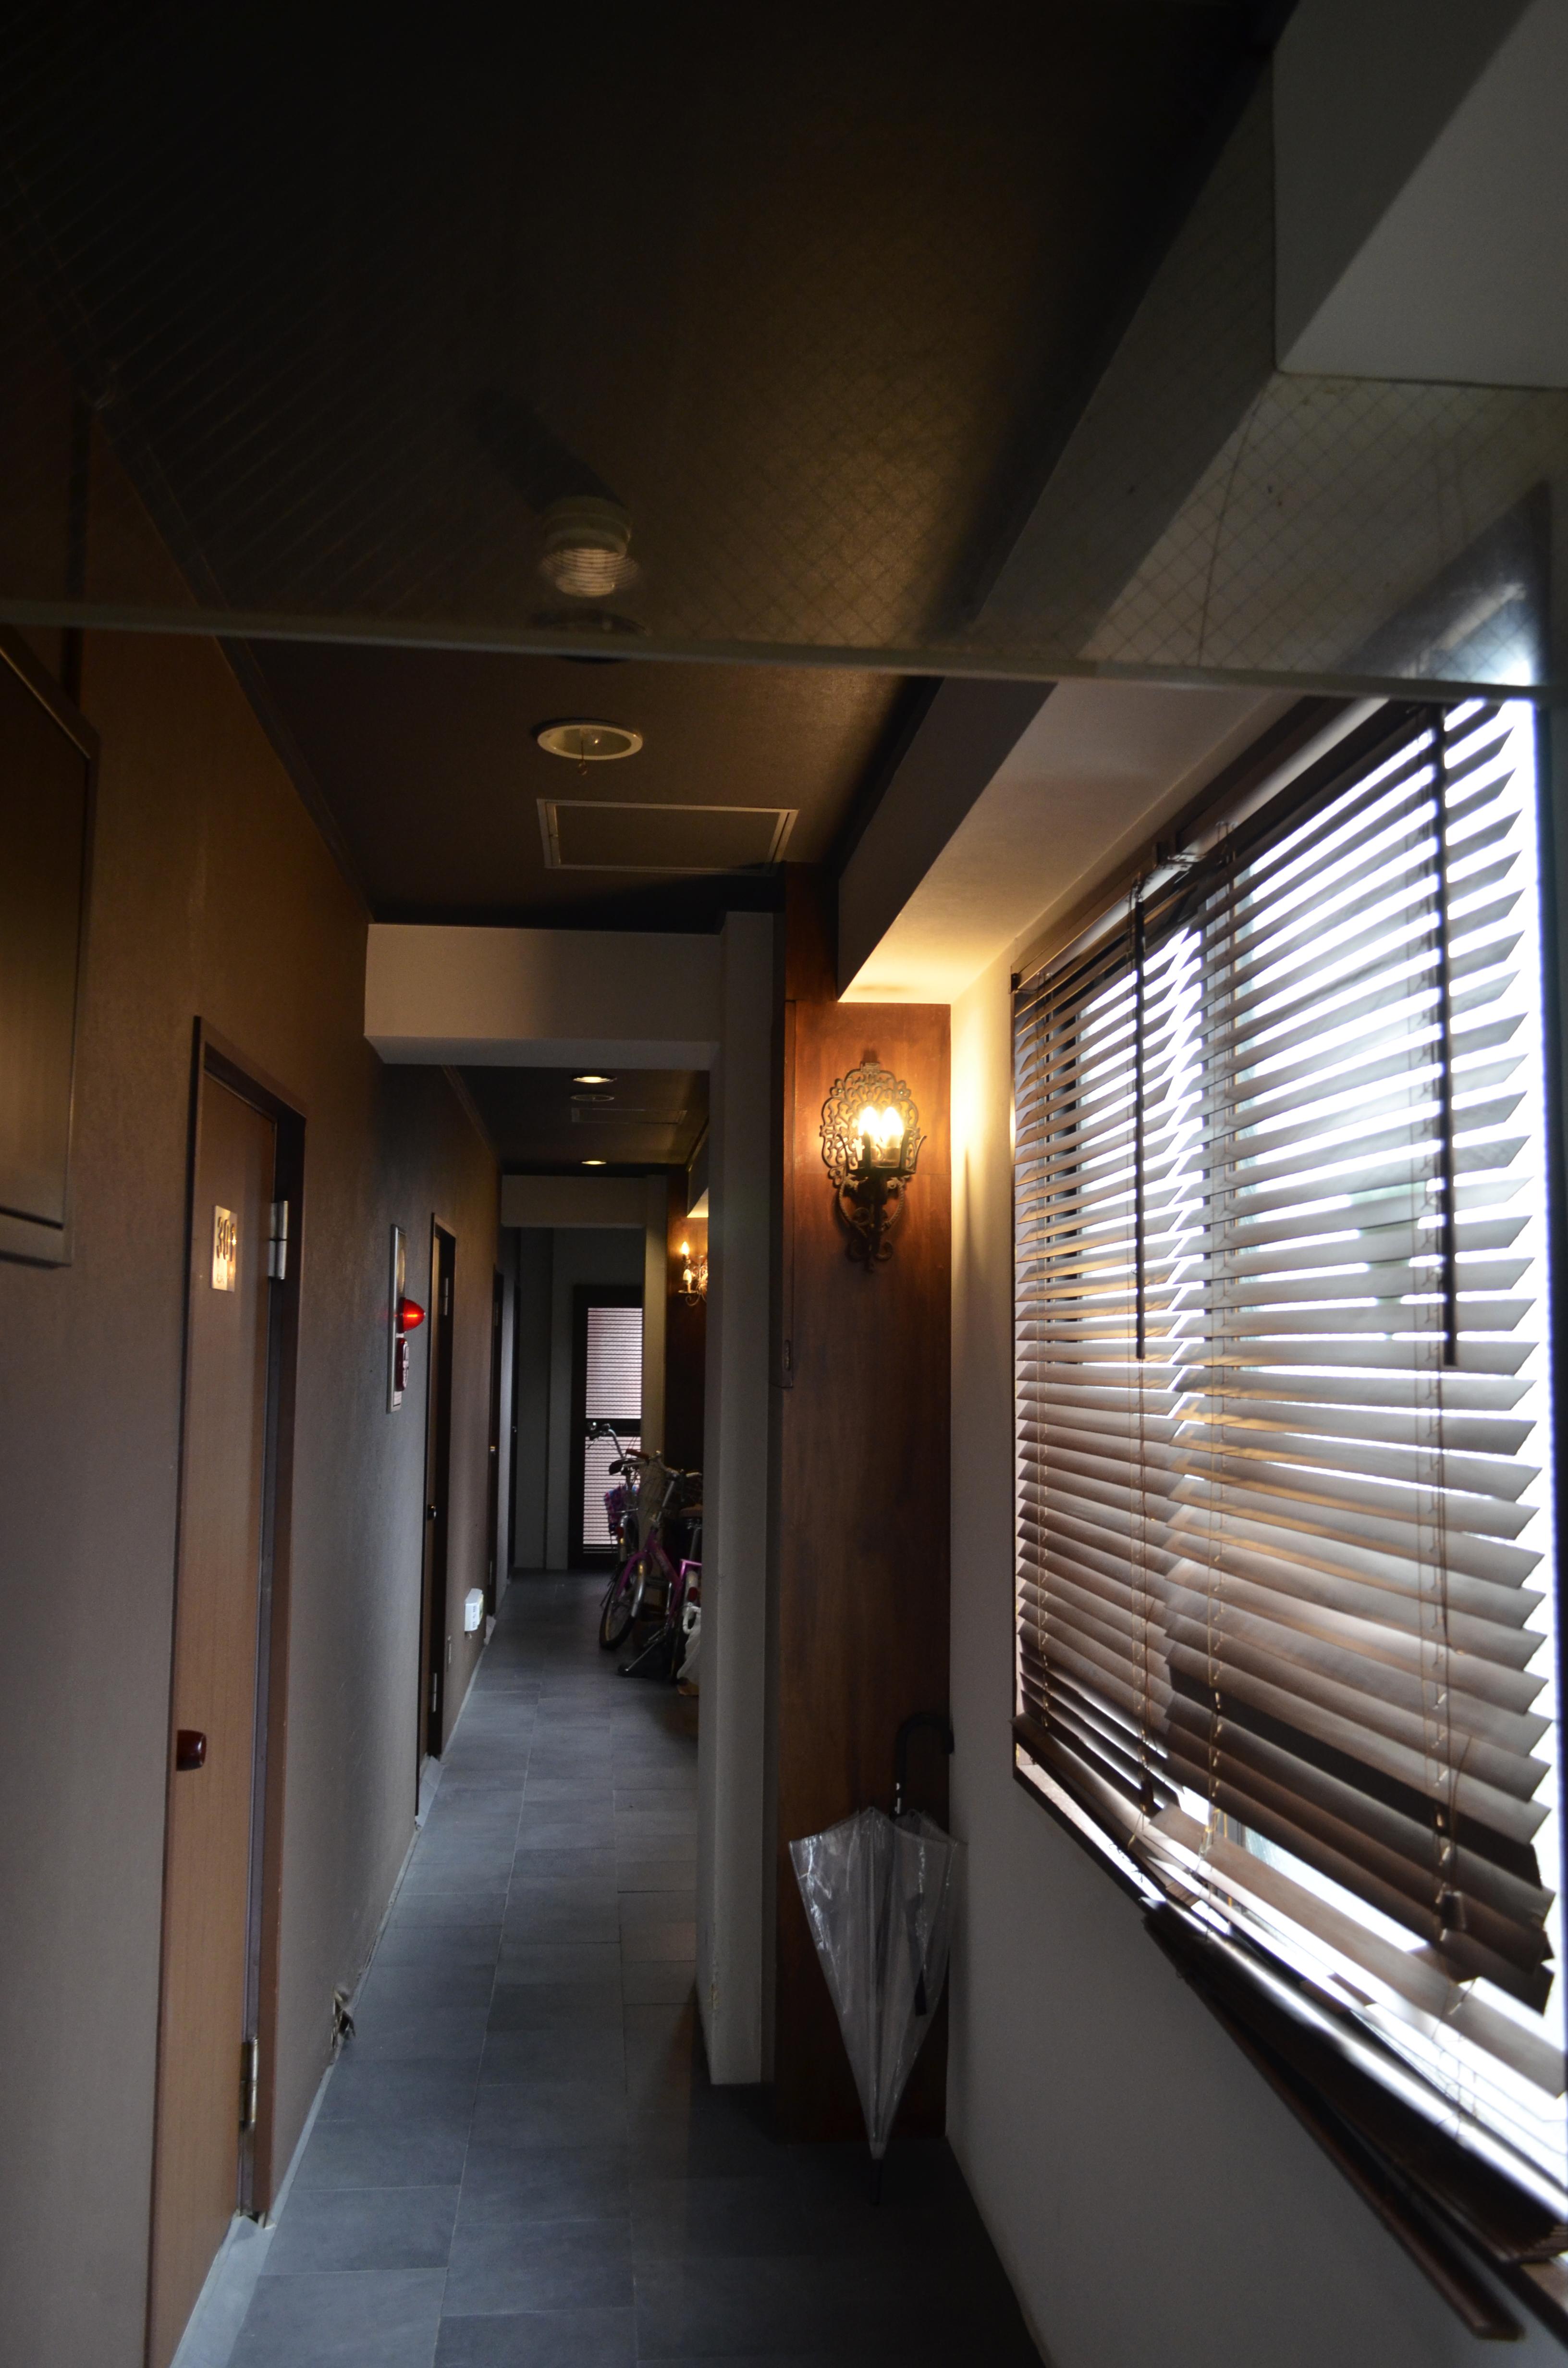 2015.吉原アトリエ351共用部リノベーション現場調査